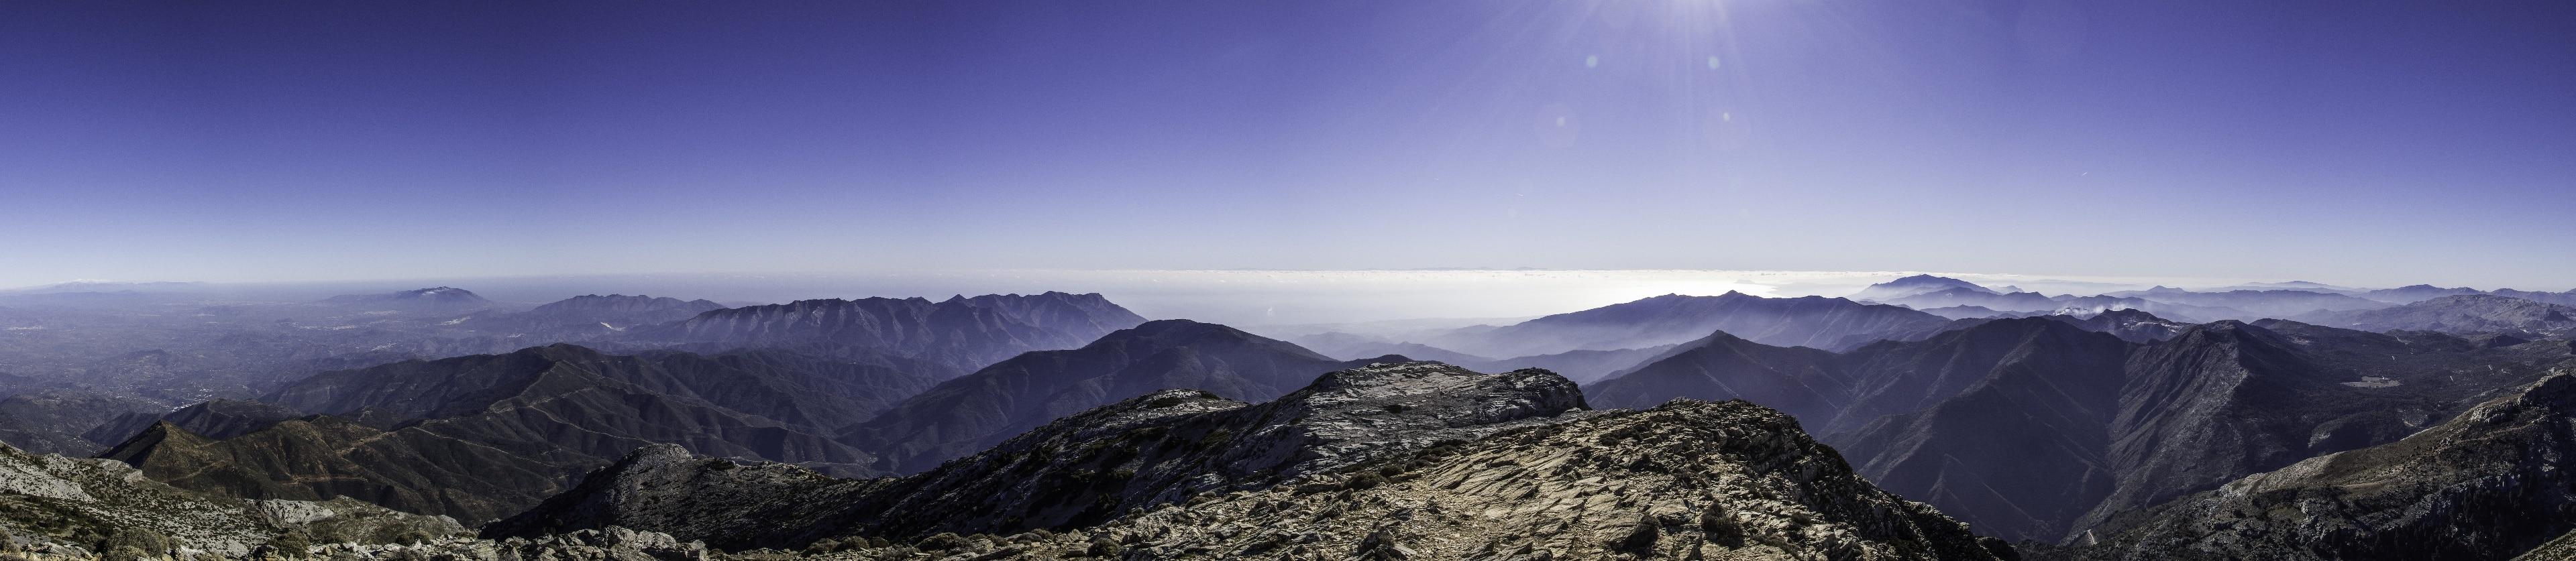 Sierra de las Nieves, Andalusië, Spanje